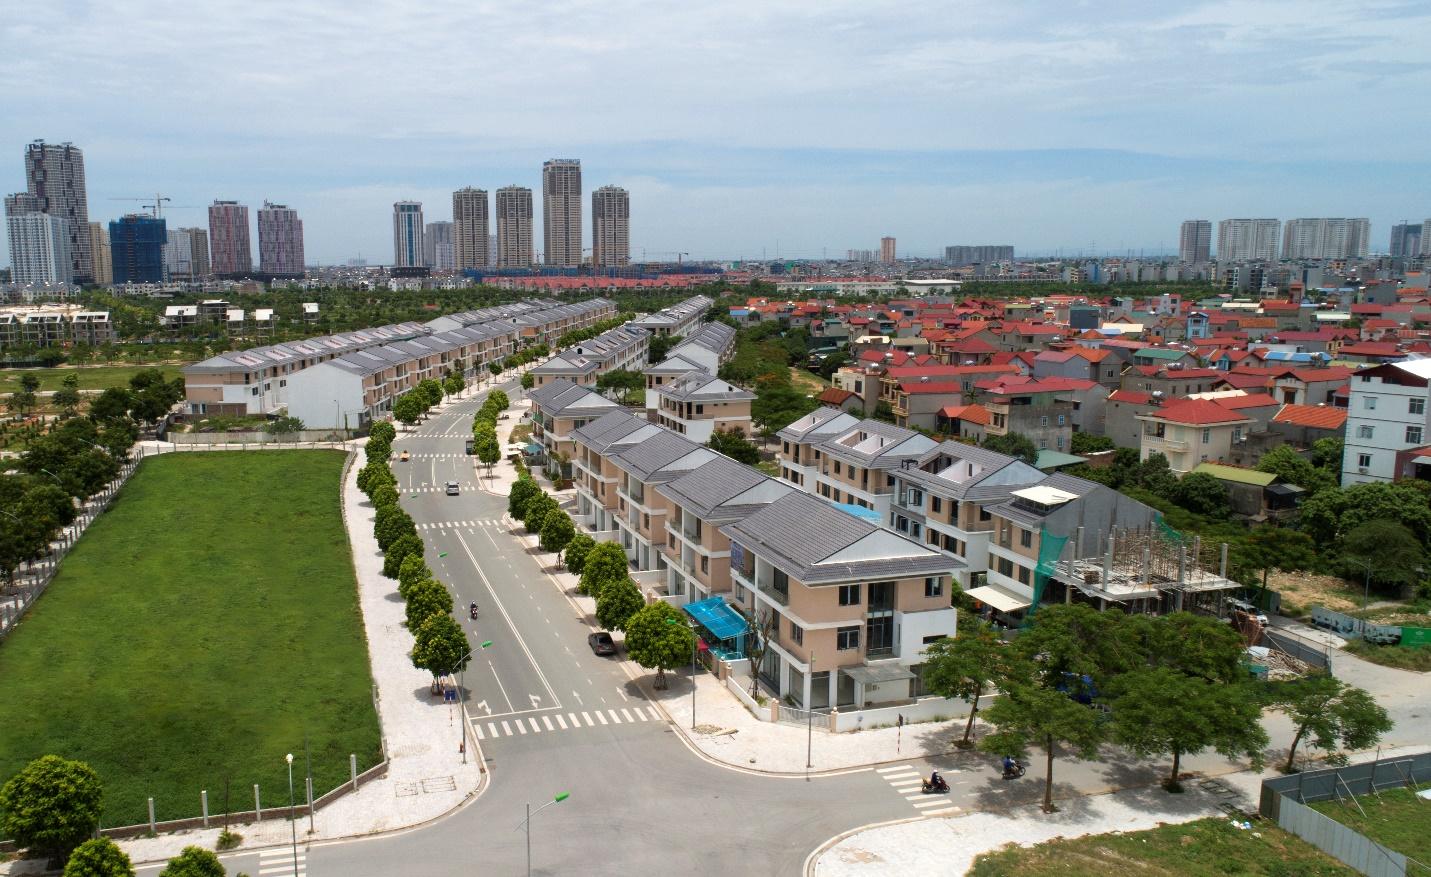 khu đô thị Dương Nội là một trong những sự lựa chọn đúng đắn